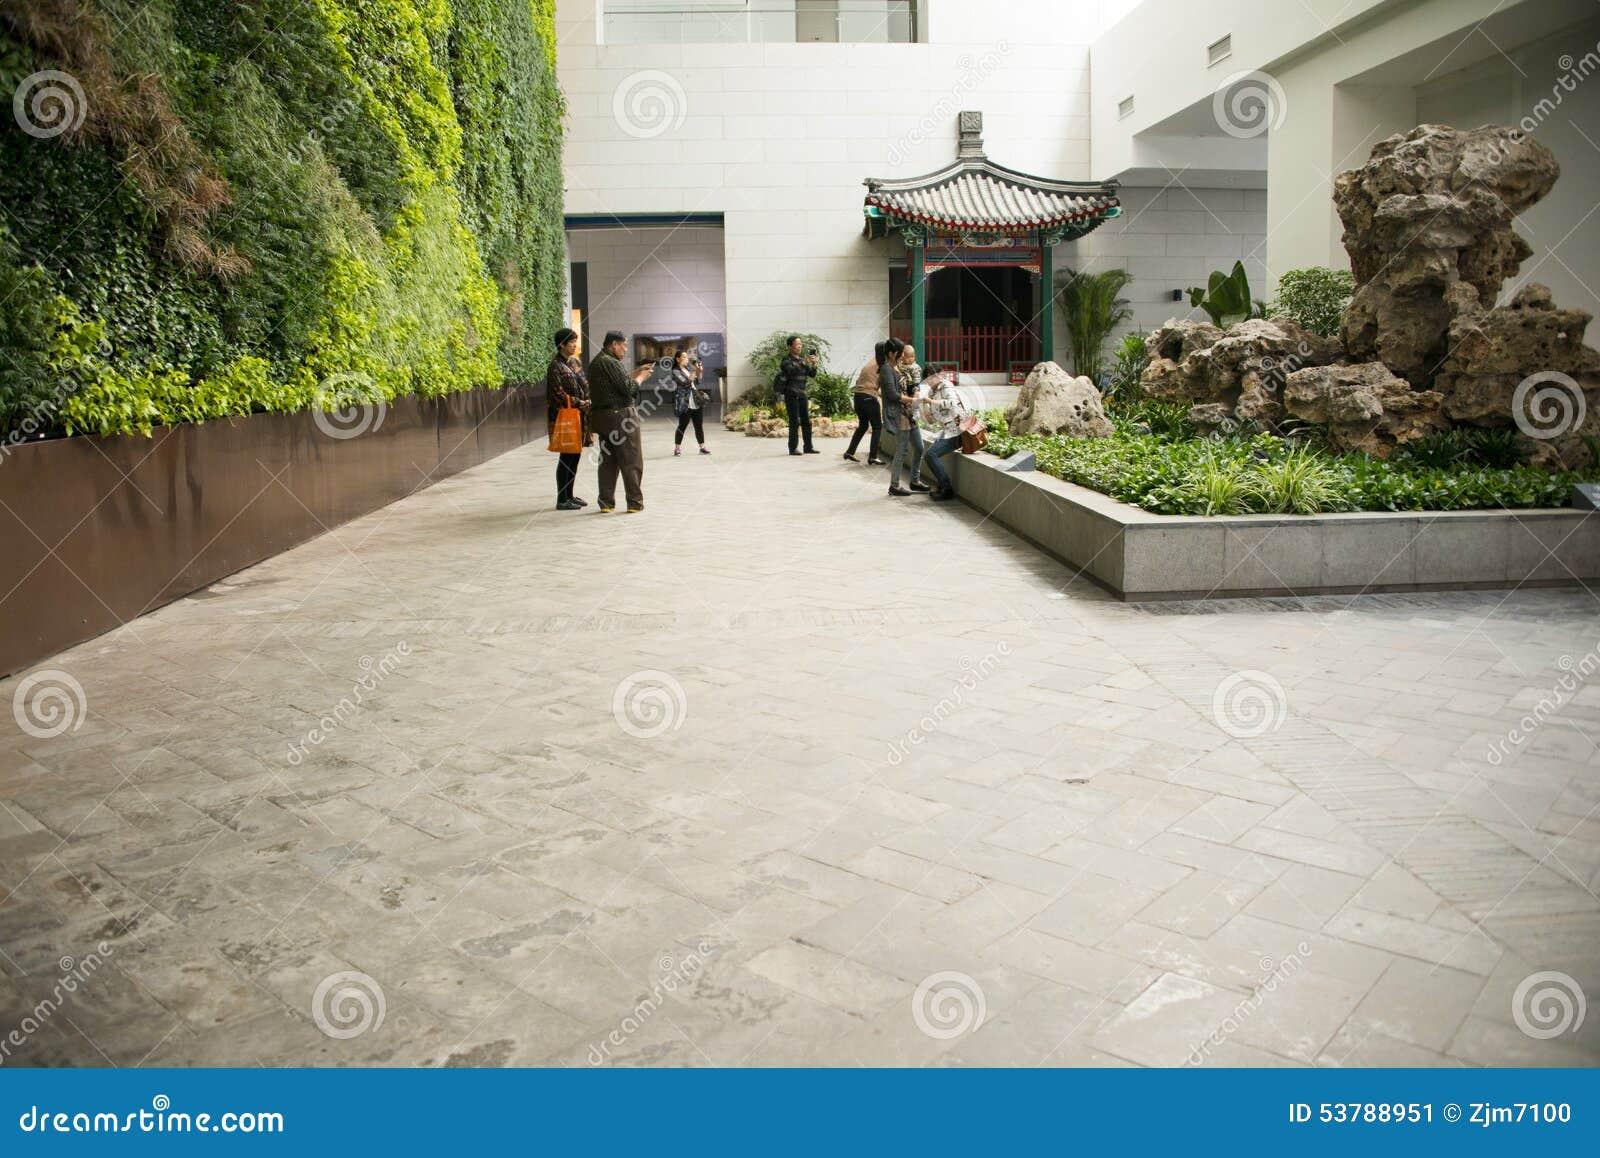 Chino de asia museo del jard n de pek n china sala de for Jardin de china